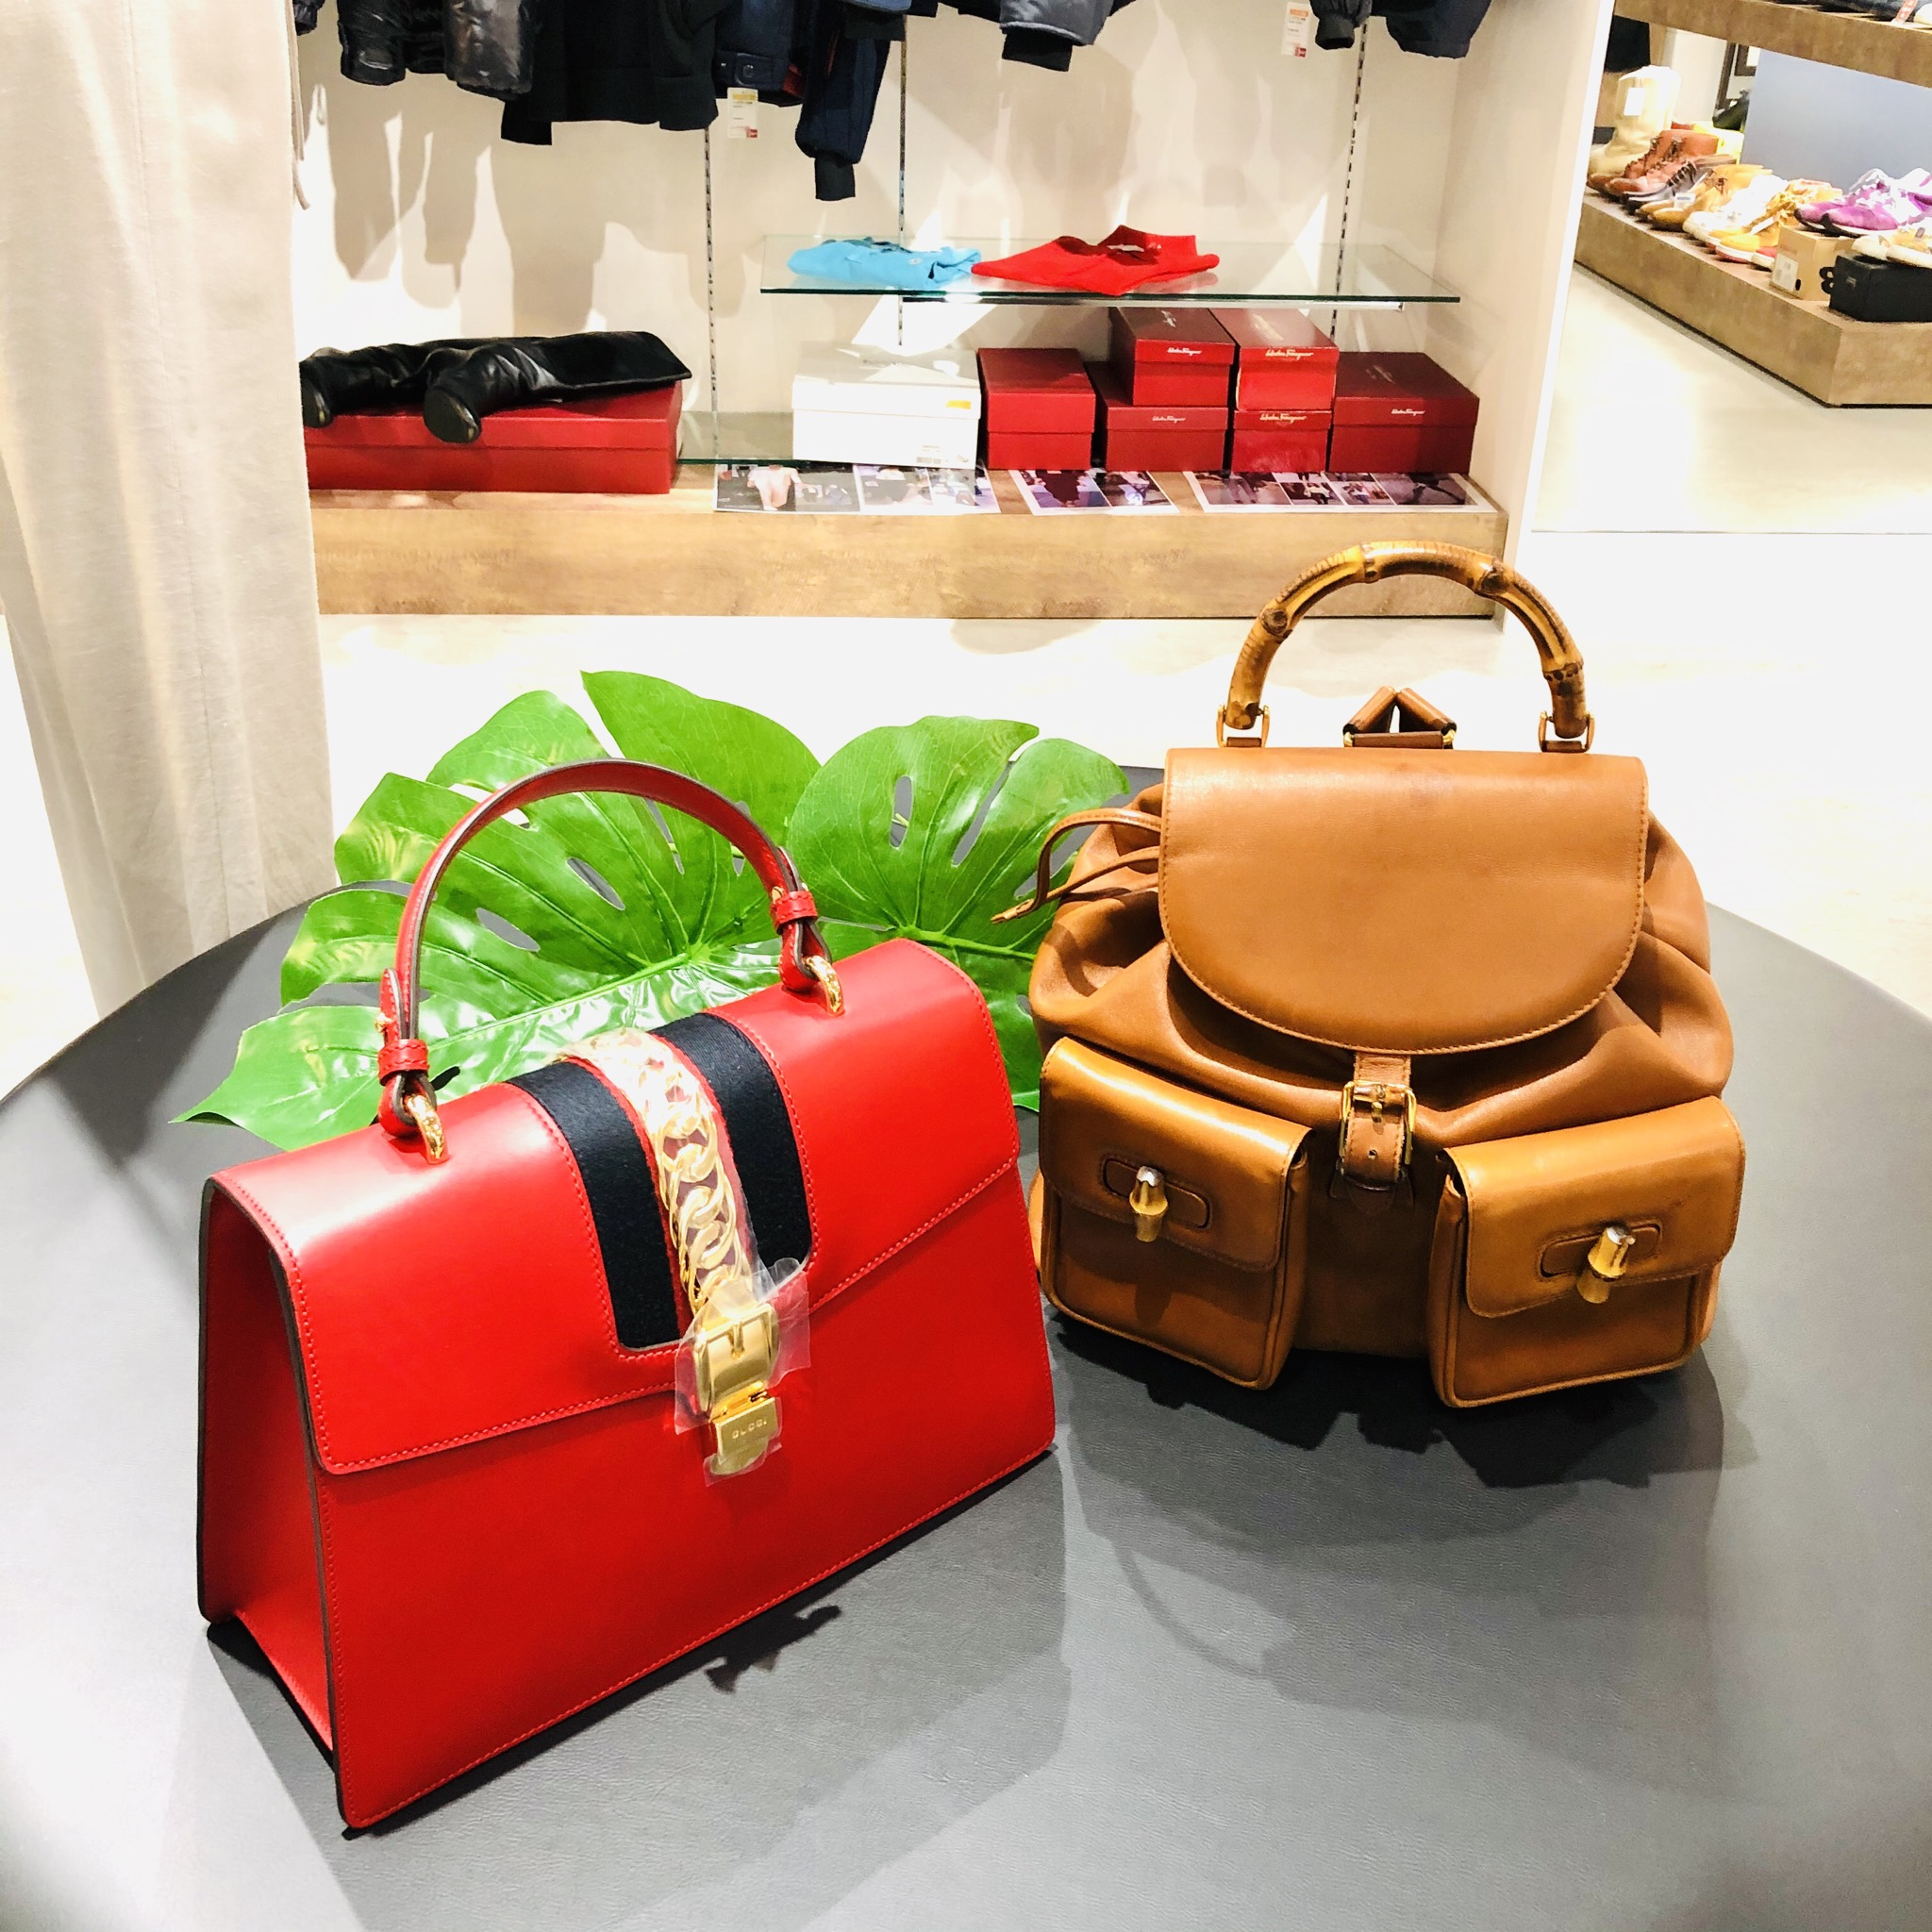 【盛岡 グッチ 販売】秋ファッションに取り入れたい!ハンドルバッグ&バンブーリュック